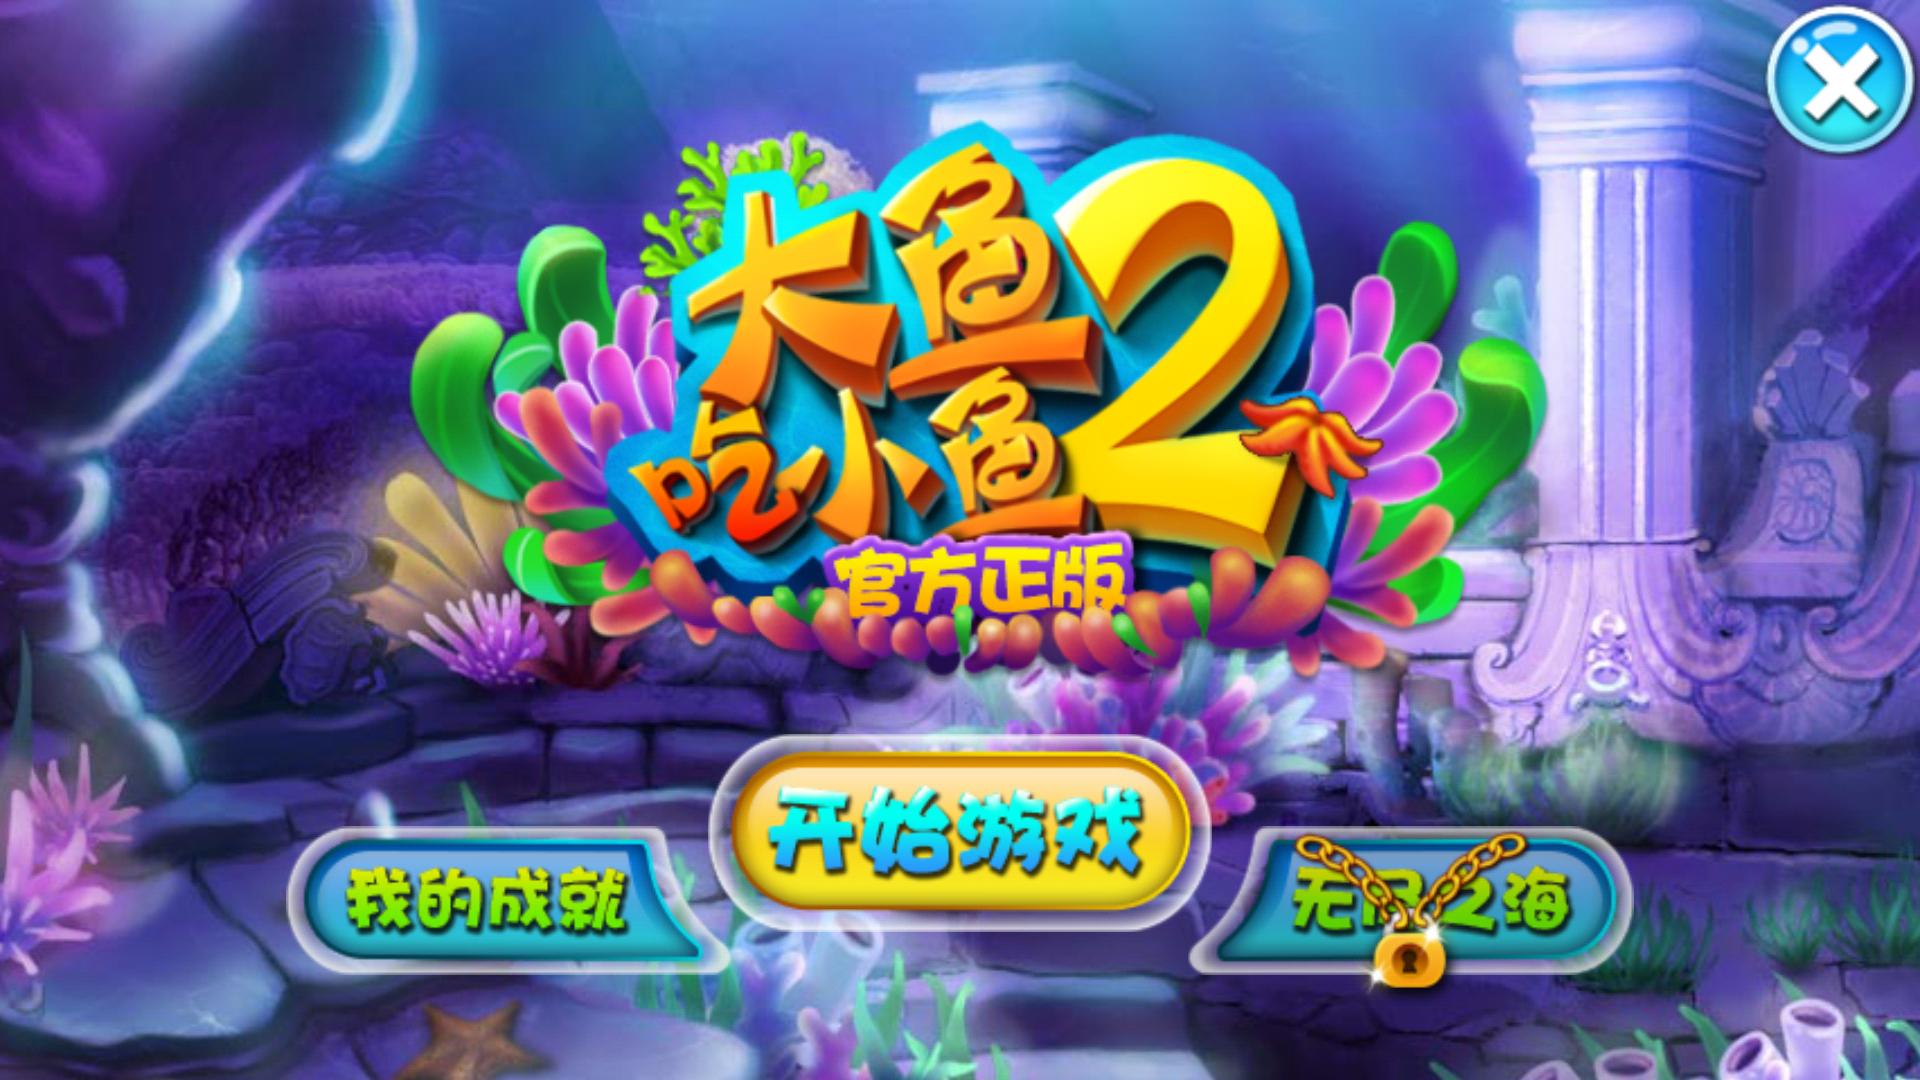 大鱼吃小鱼2tv版下载 大鱼吃小鱼2智能电视版 安卓tv